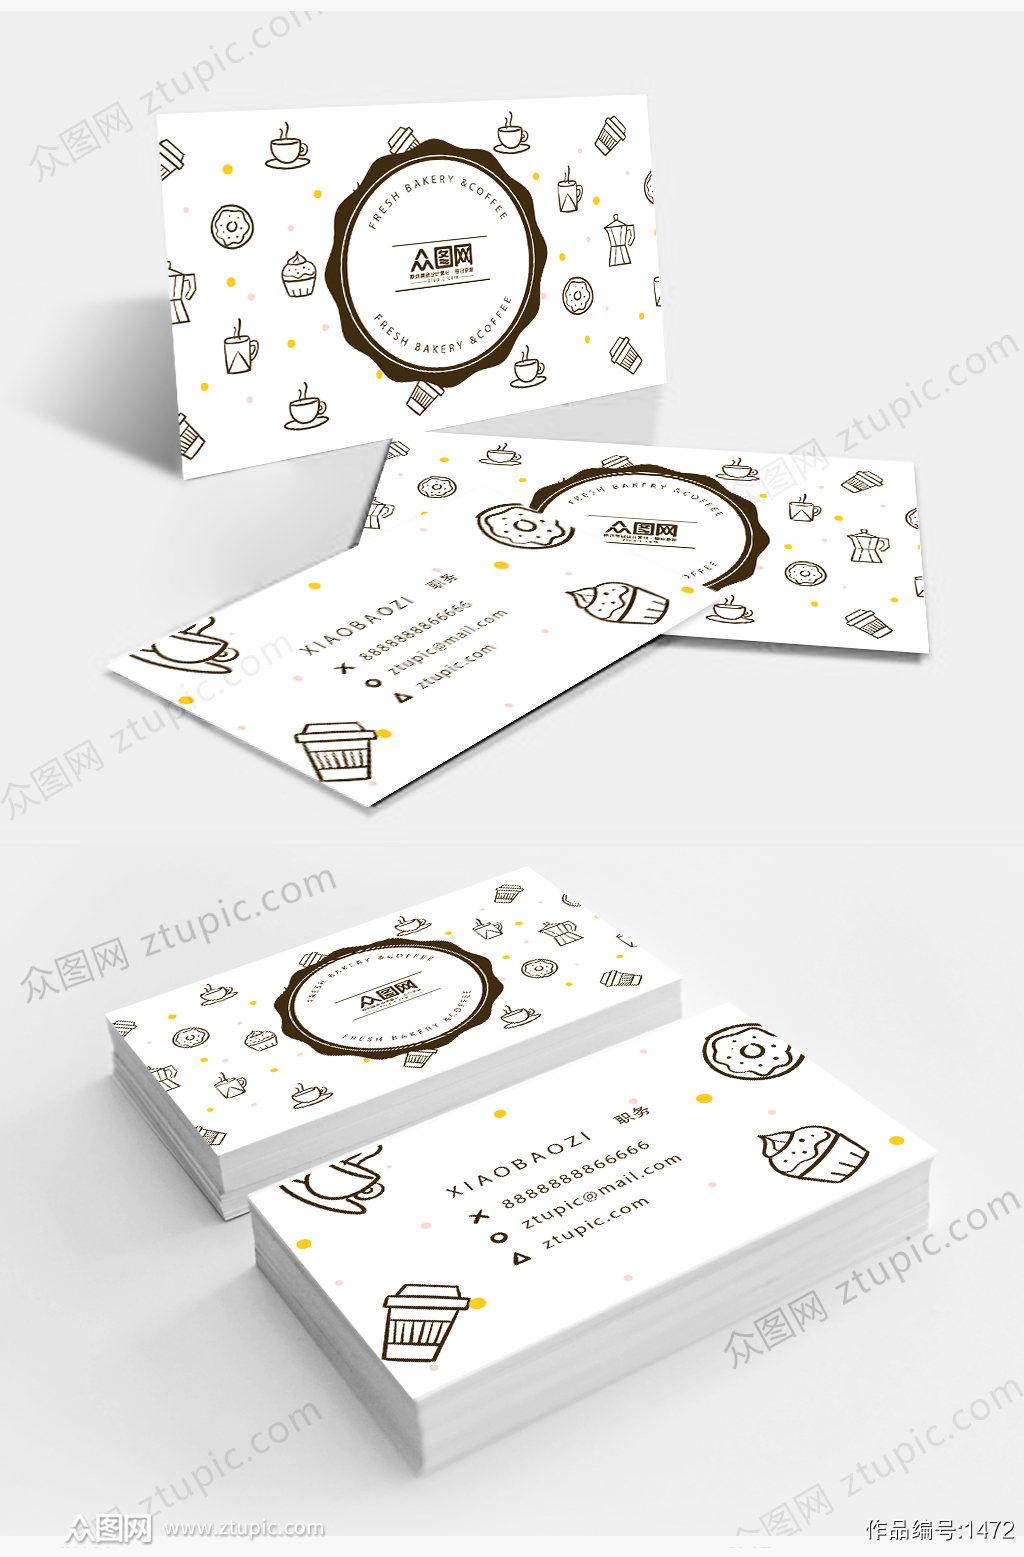 简约时尚大气灰色创意商务名片设计素材